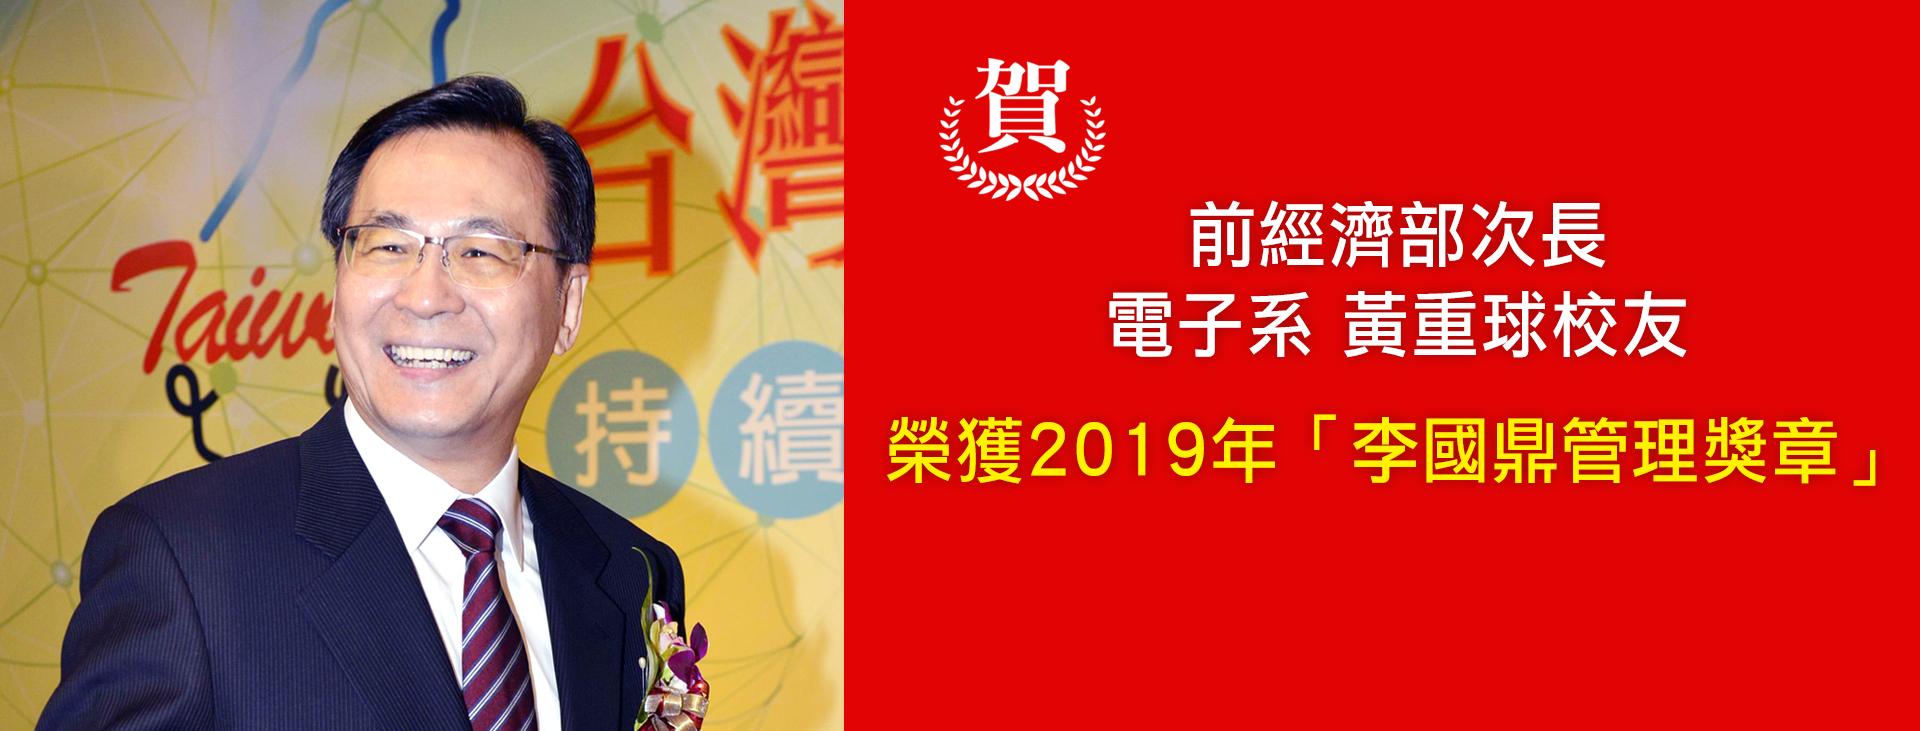 電子系校友黃重球理事長獲頒2019年中華民國管理科學學會「李國鼎管理獎章」